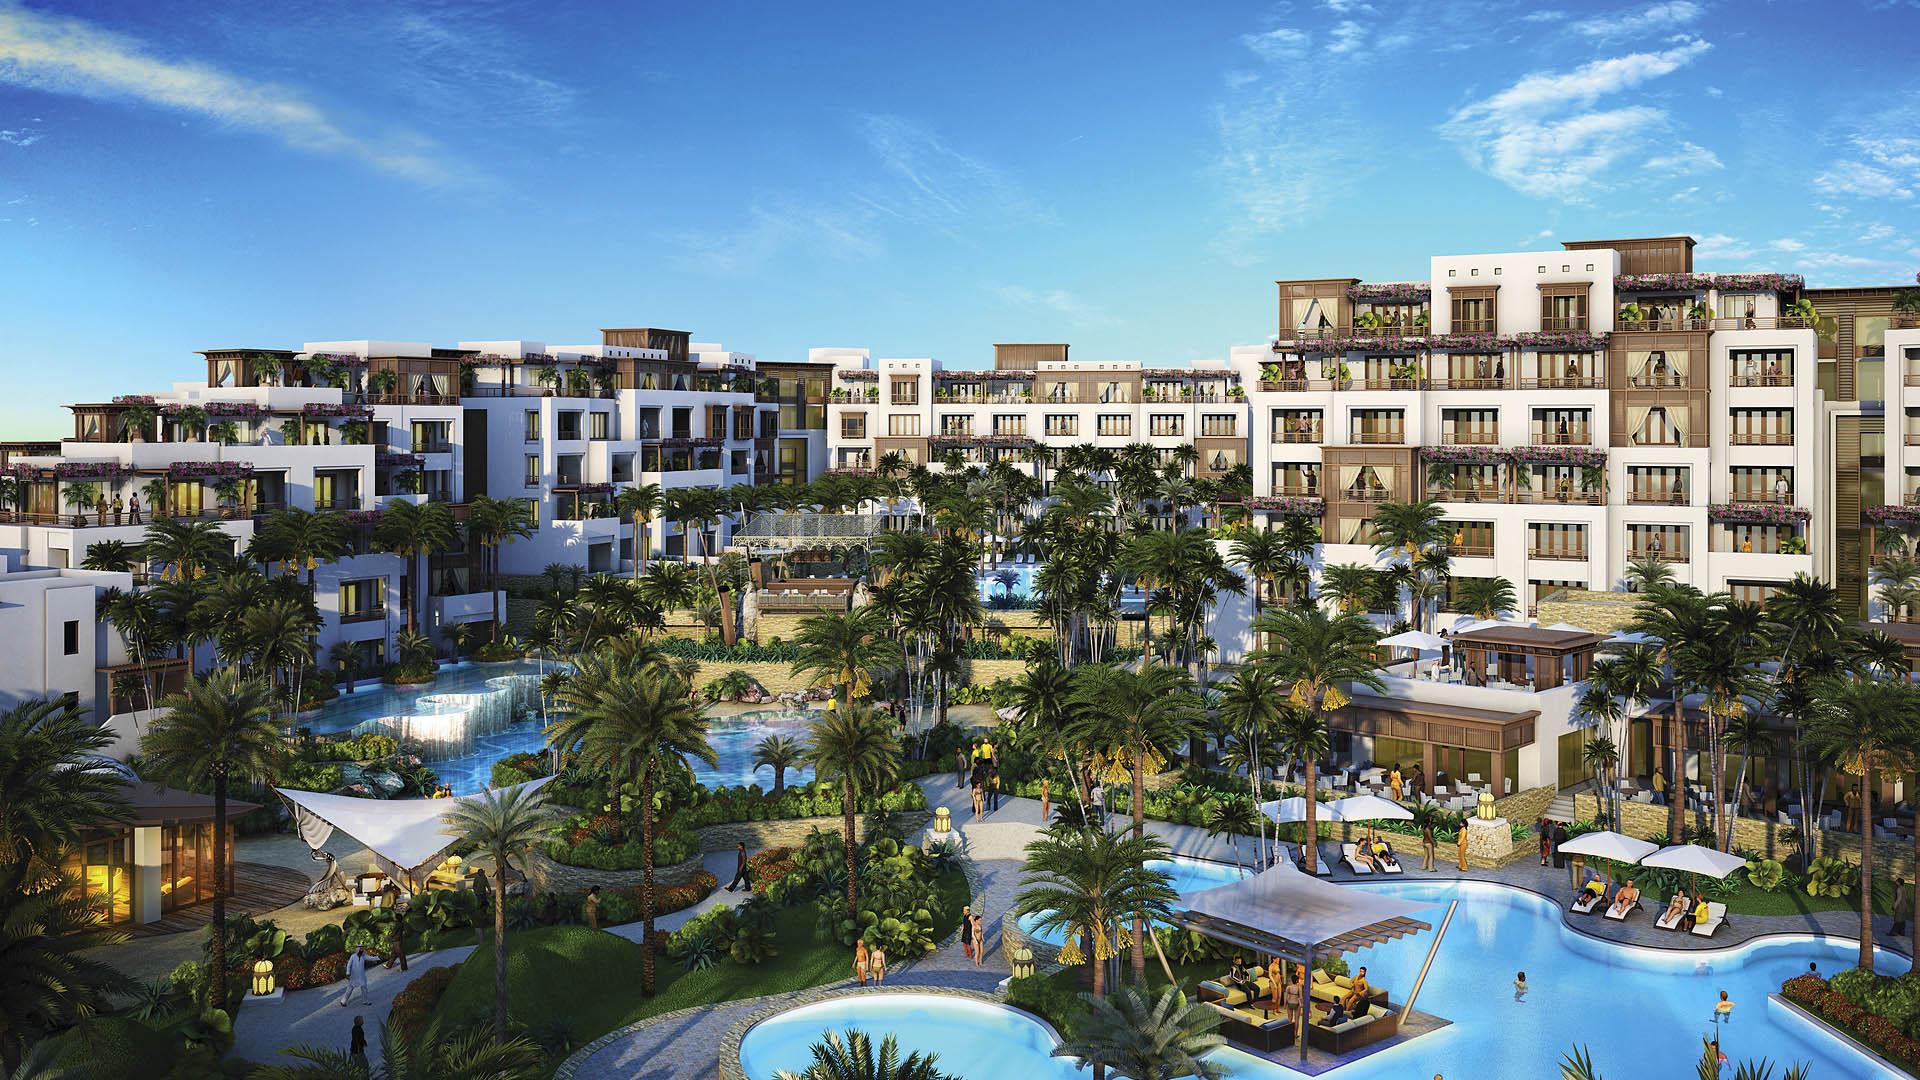 Найновіший готель курорту Madinat Jumeirah, що пропонує зануритися в атмосферу сучасного Дубая.